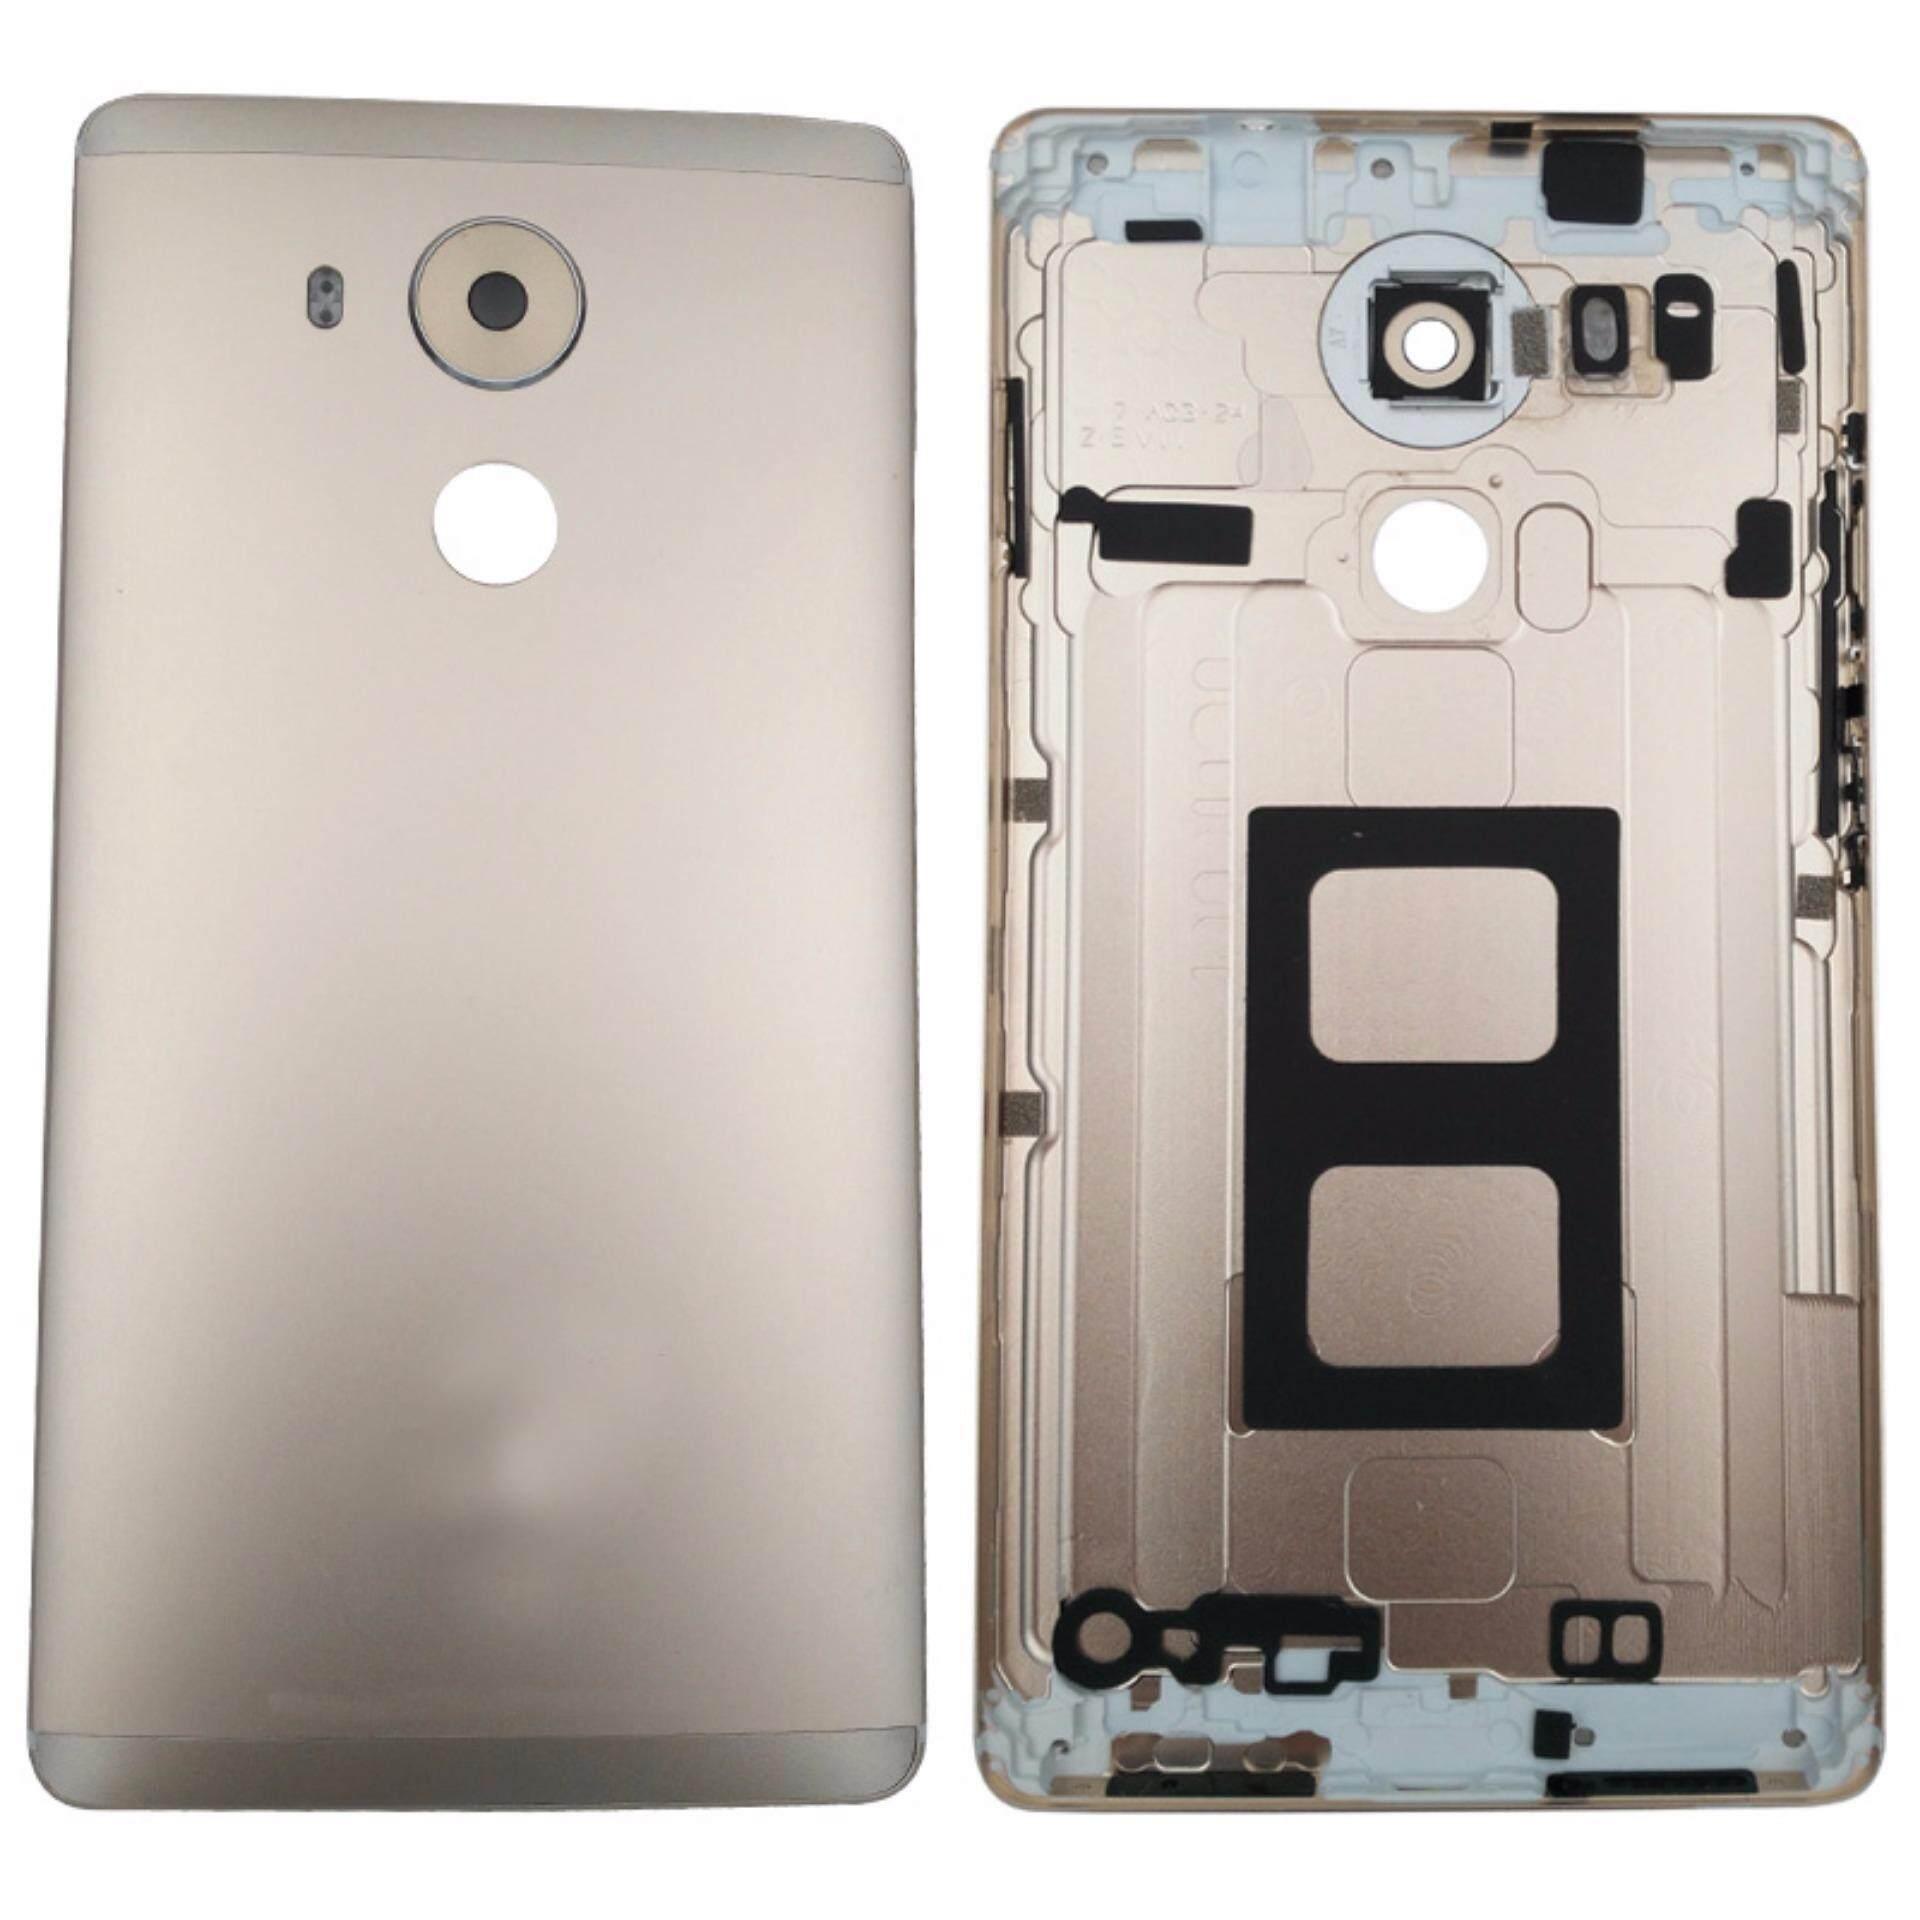 Beli Murah Transparent Tpu Case For Huawei Lua L21 U22 Silicon Y5 Ii Smartphone 8gb Garansi Resmi Asli Gold Back Battery Cover Untuk Mate8 Mate 8 Phone Perumahan Penggantian Bagian